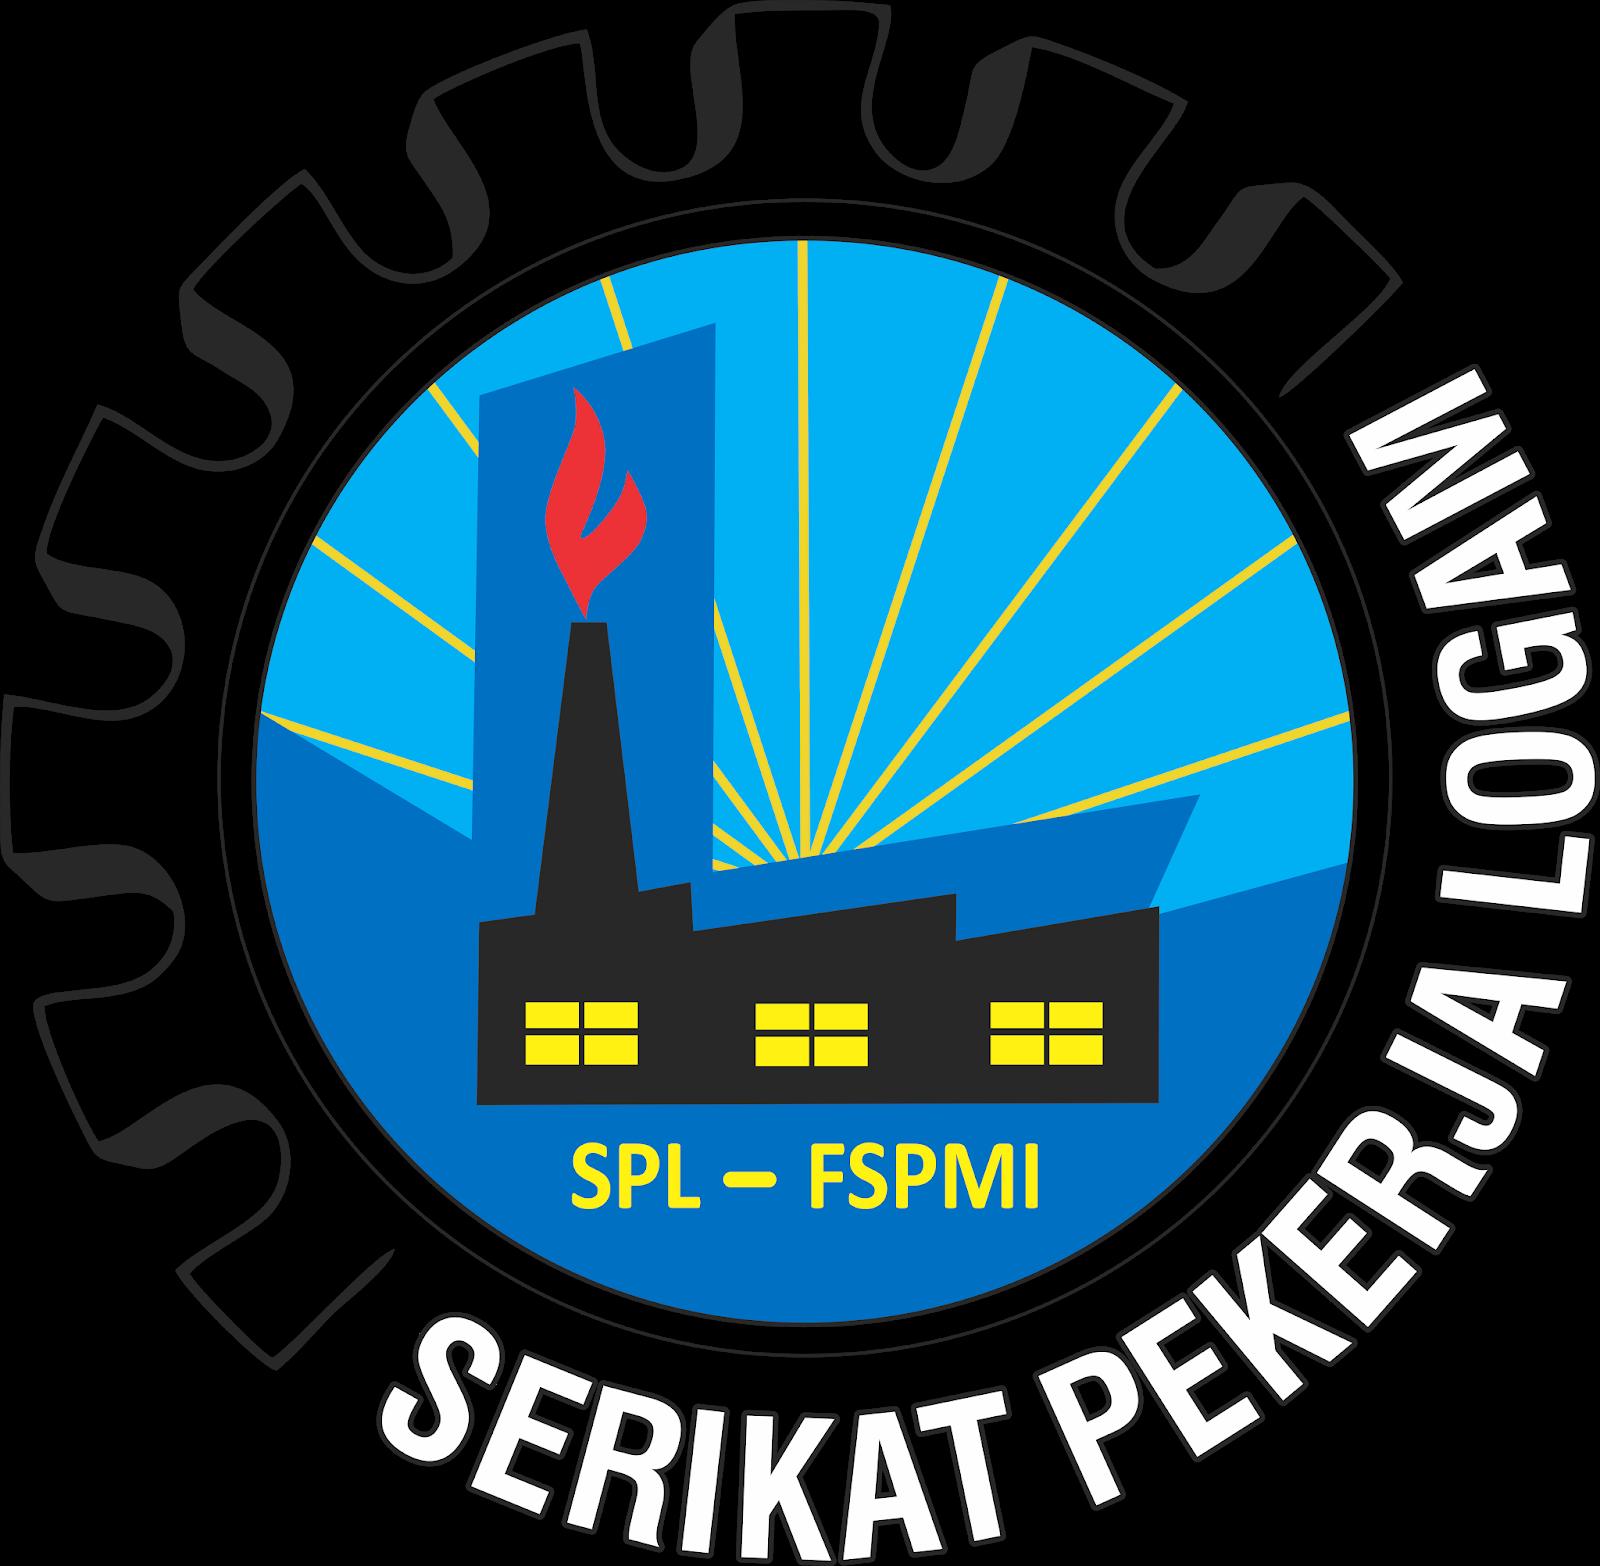 Logo-logo Serikat pekerja yang ada di Indonesia - Fspmi